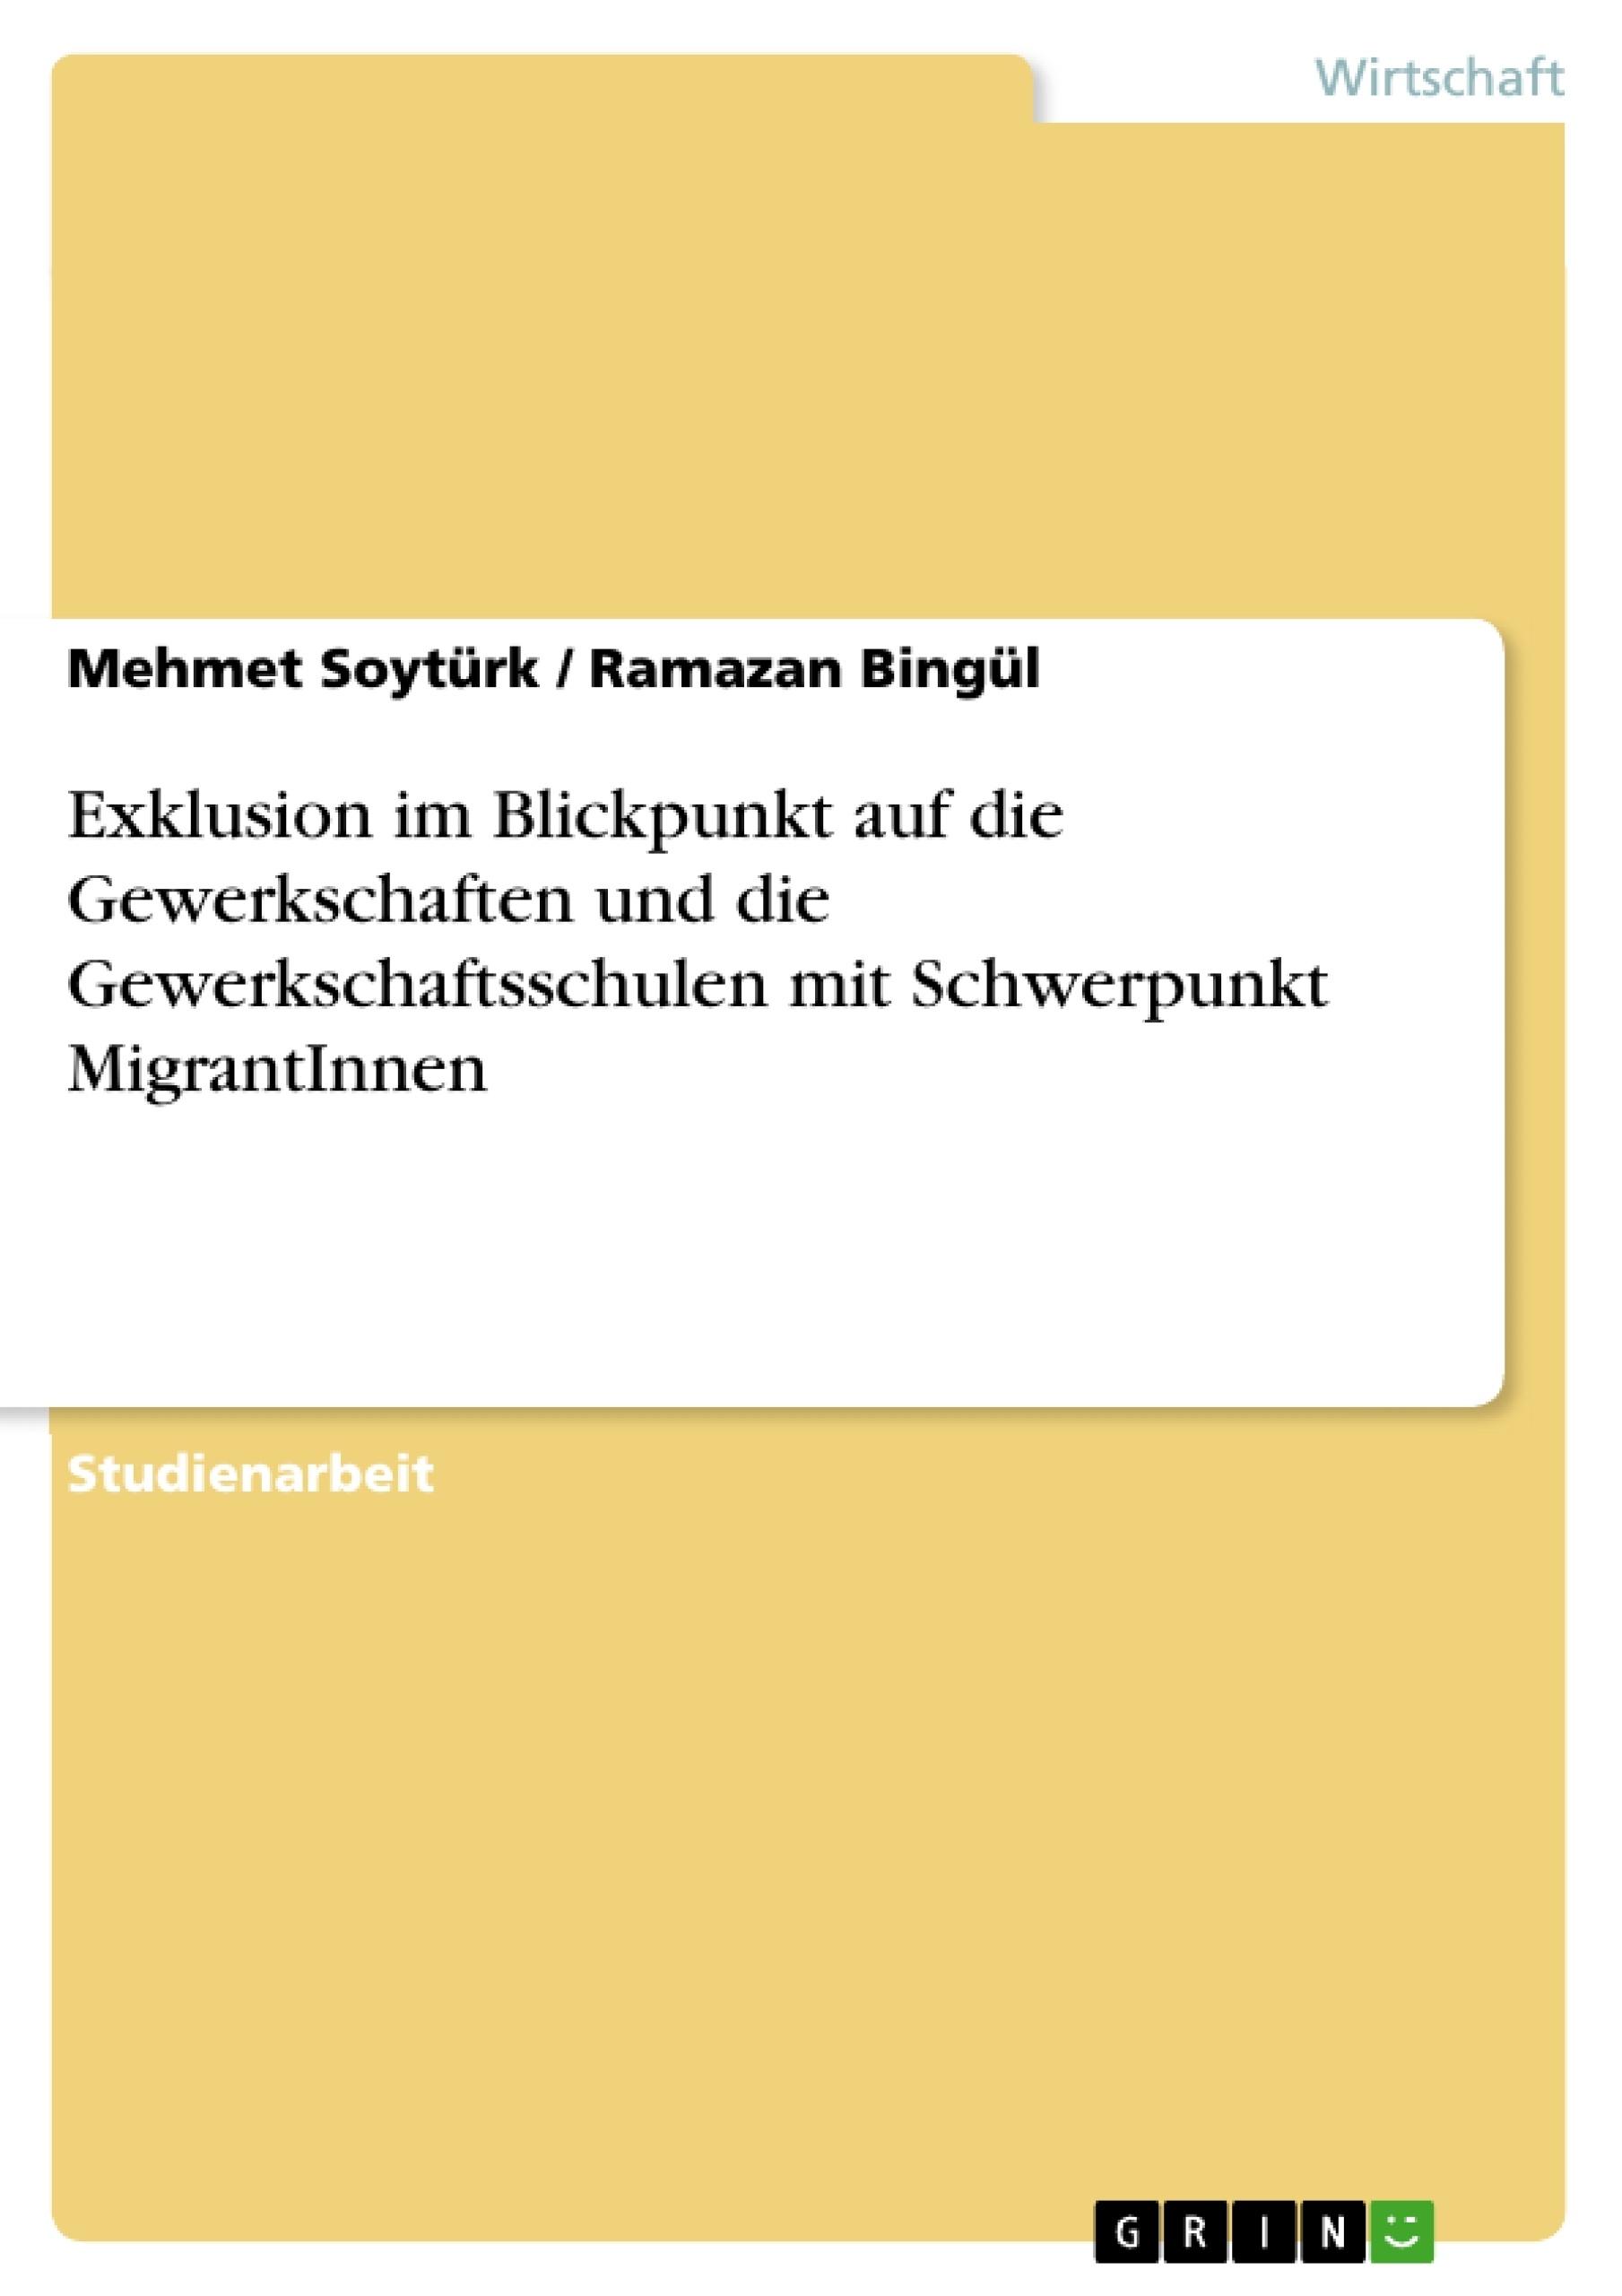 Titel: Exklusion im Blickpunkt auf die Gewerkschaften und die Gewerkschaftsschulen mit Schwerpunkt MigrantInnen